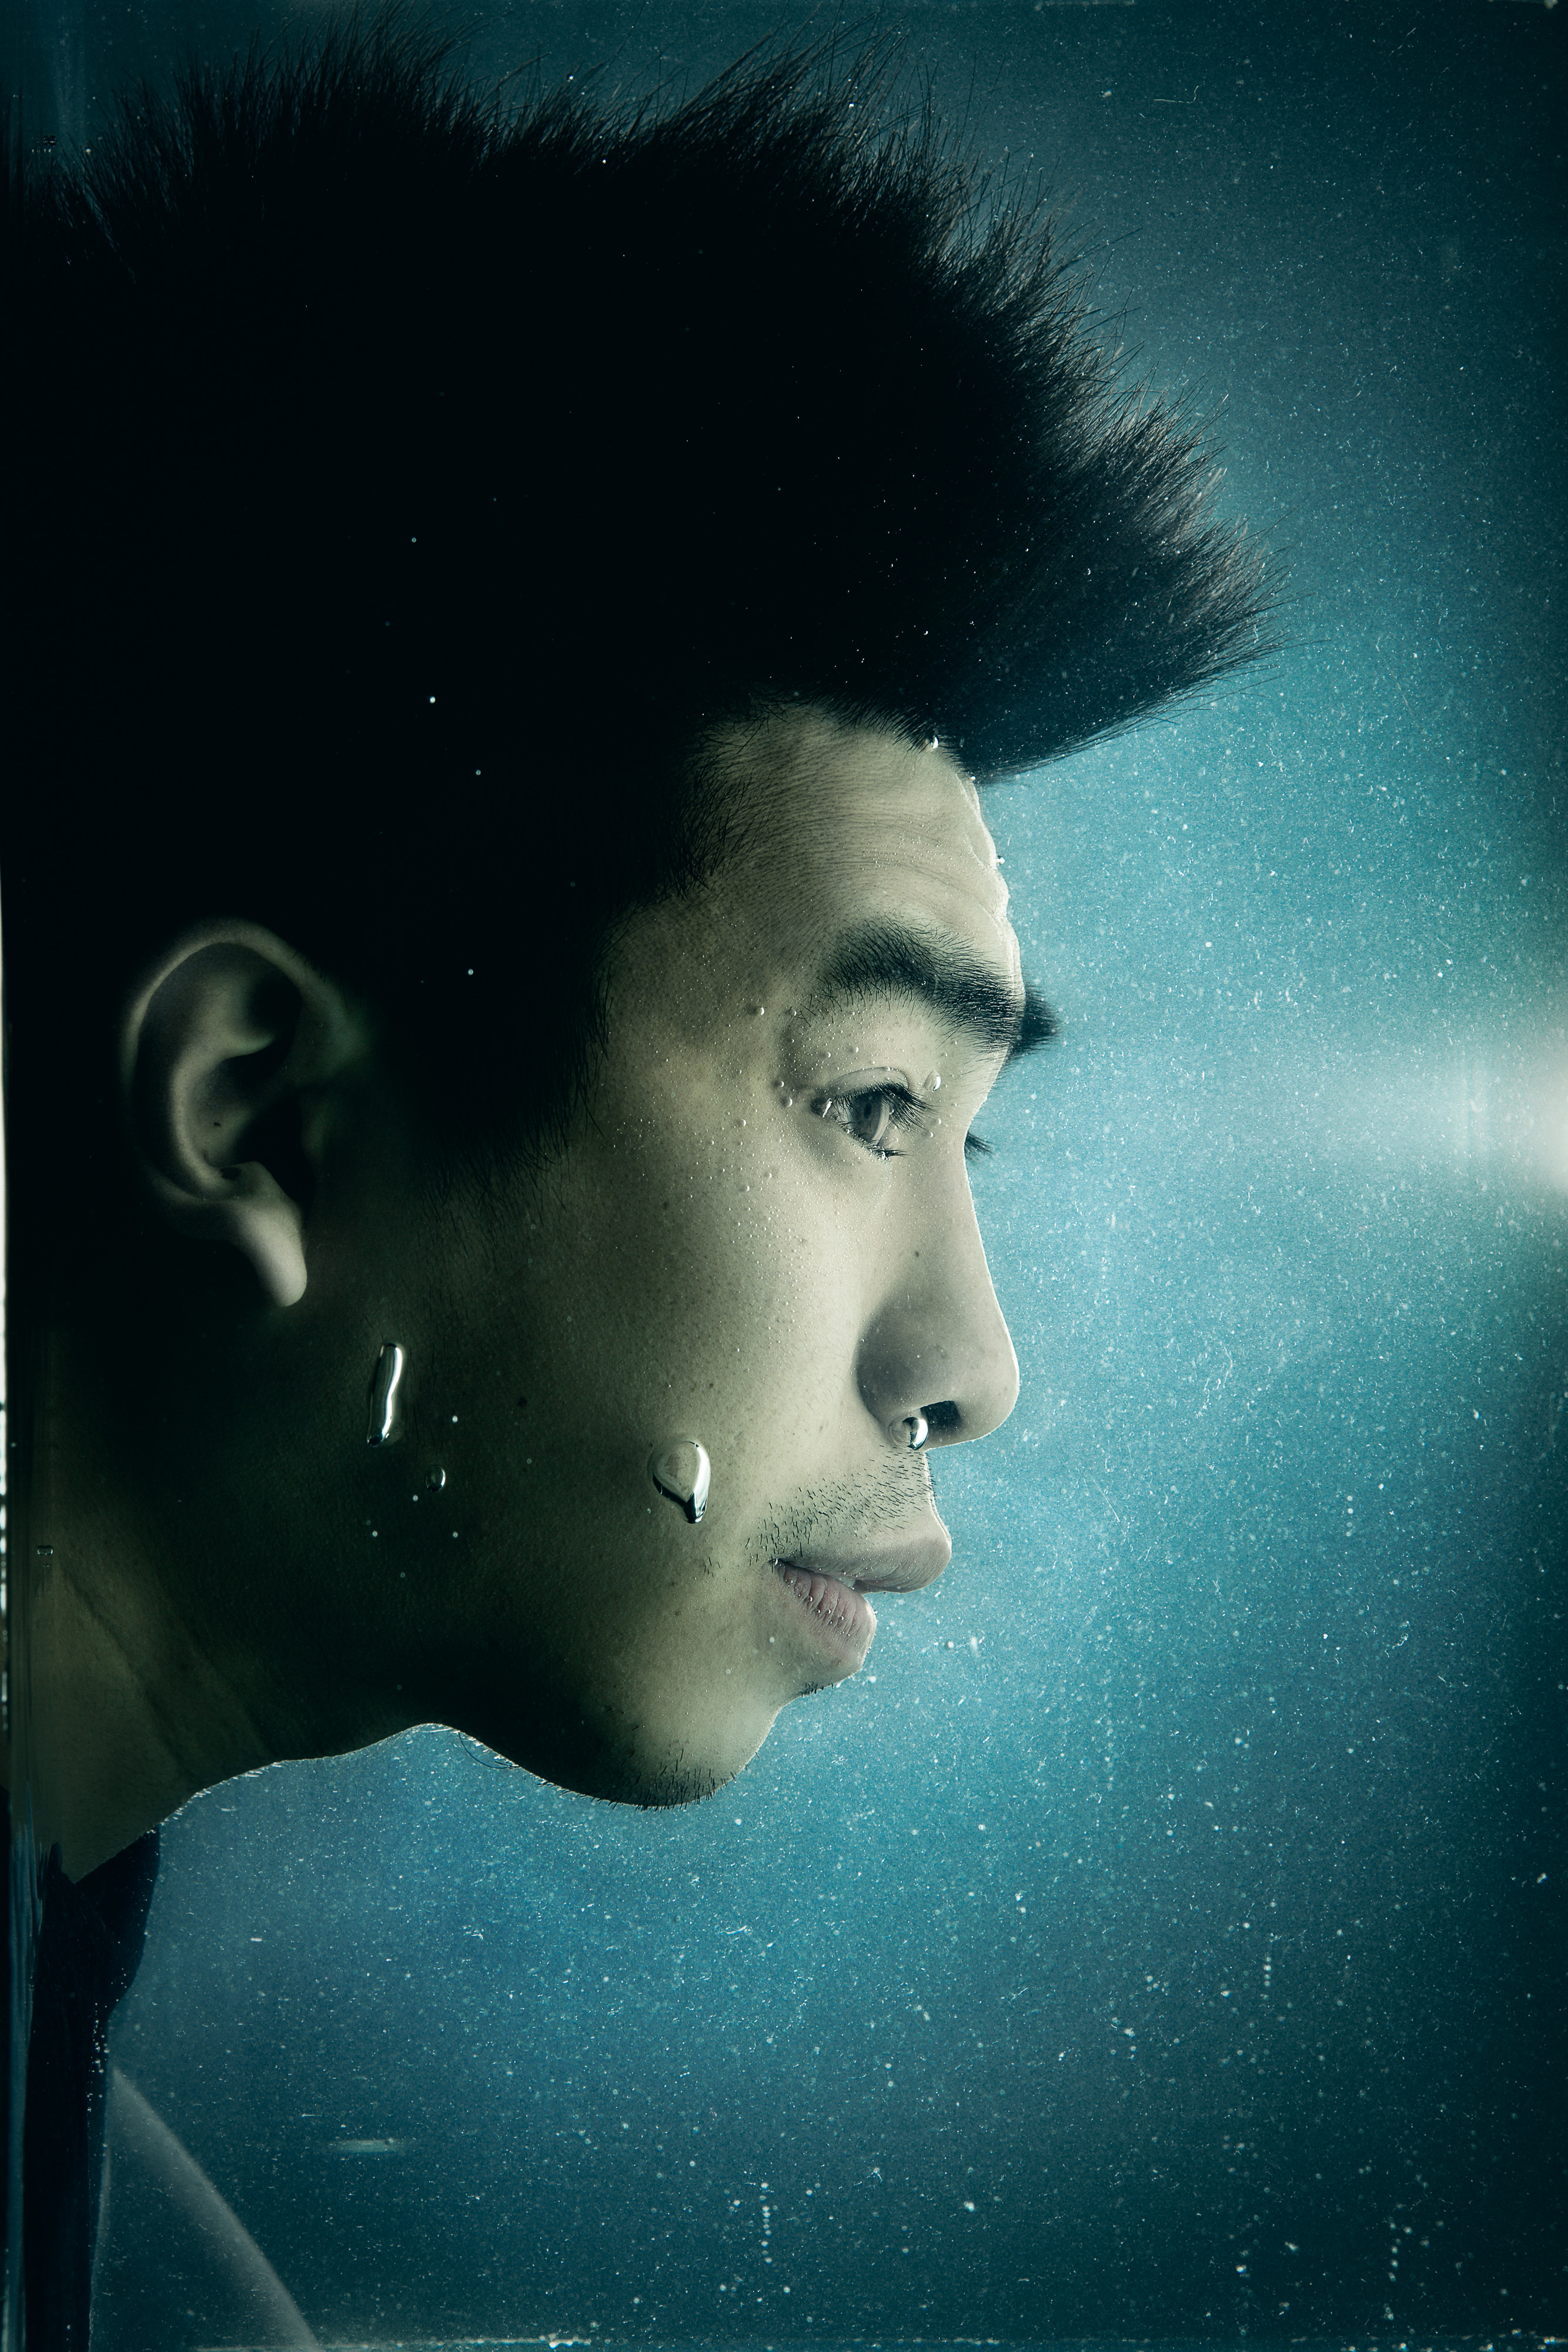 《消失的海岸線》/人物:吳紹熙/類別:頭像攝影、《消失的海岸線》、宣傳照片/攝影:Ivor Houlker/(天台製作 • 香港專業劇團)